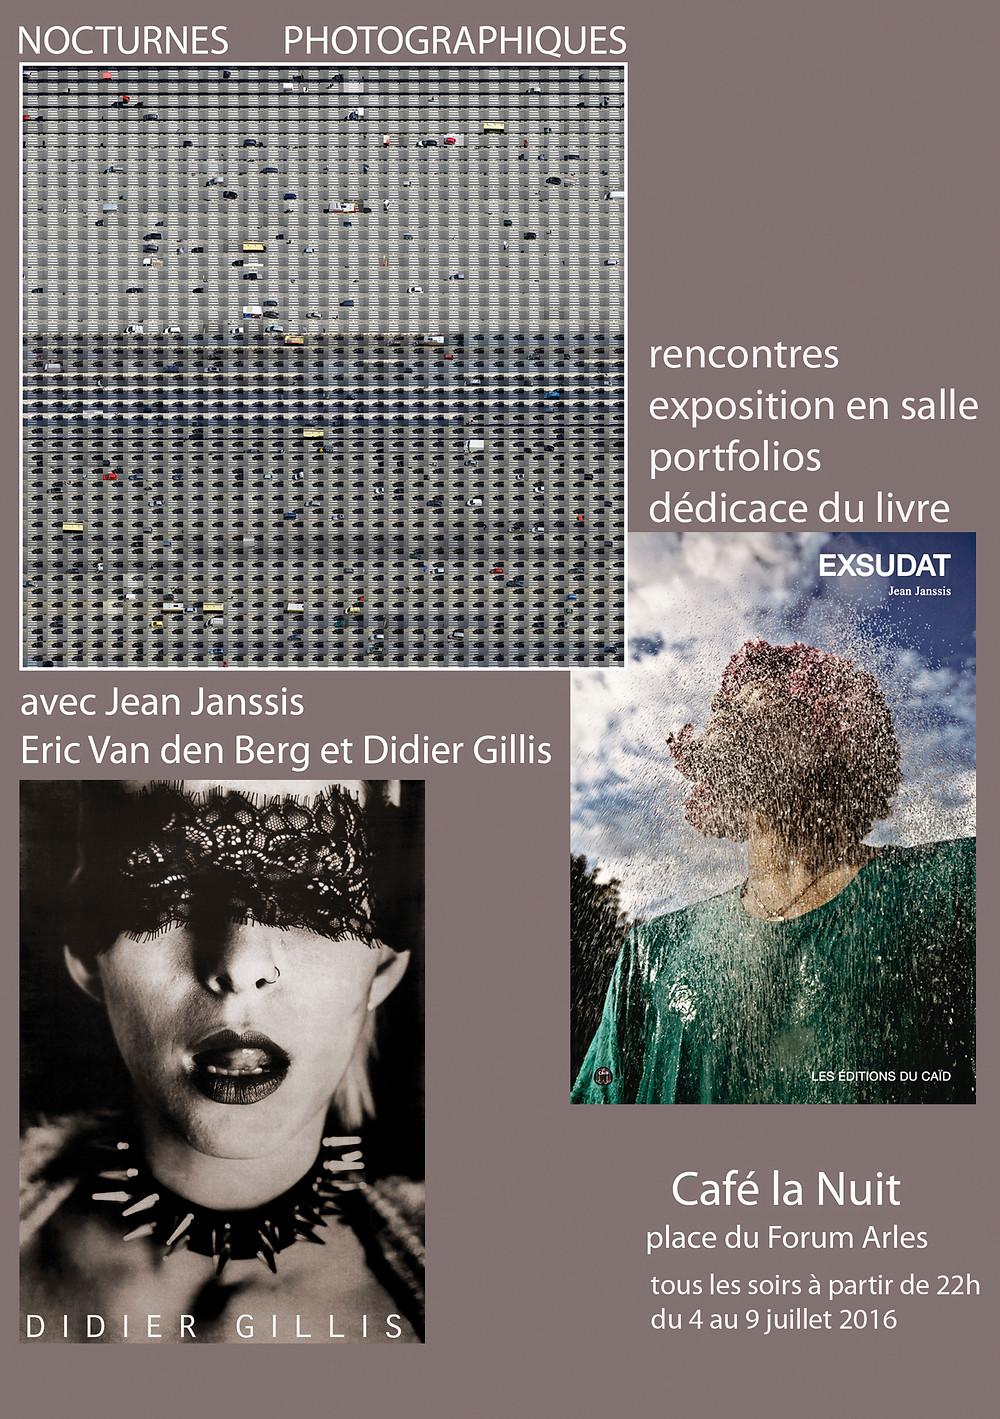 """Expo et rencontres au Café """"la nuit"""" à Arles du 4 au 9 juillet."""